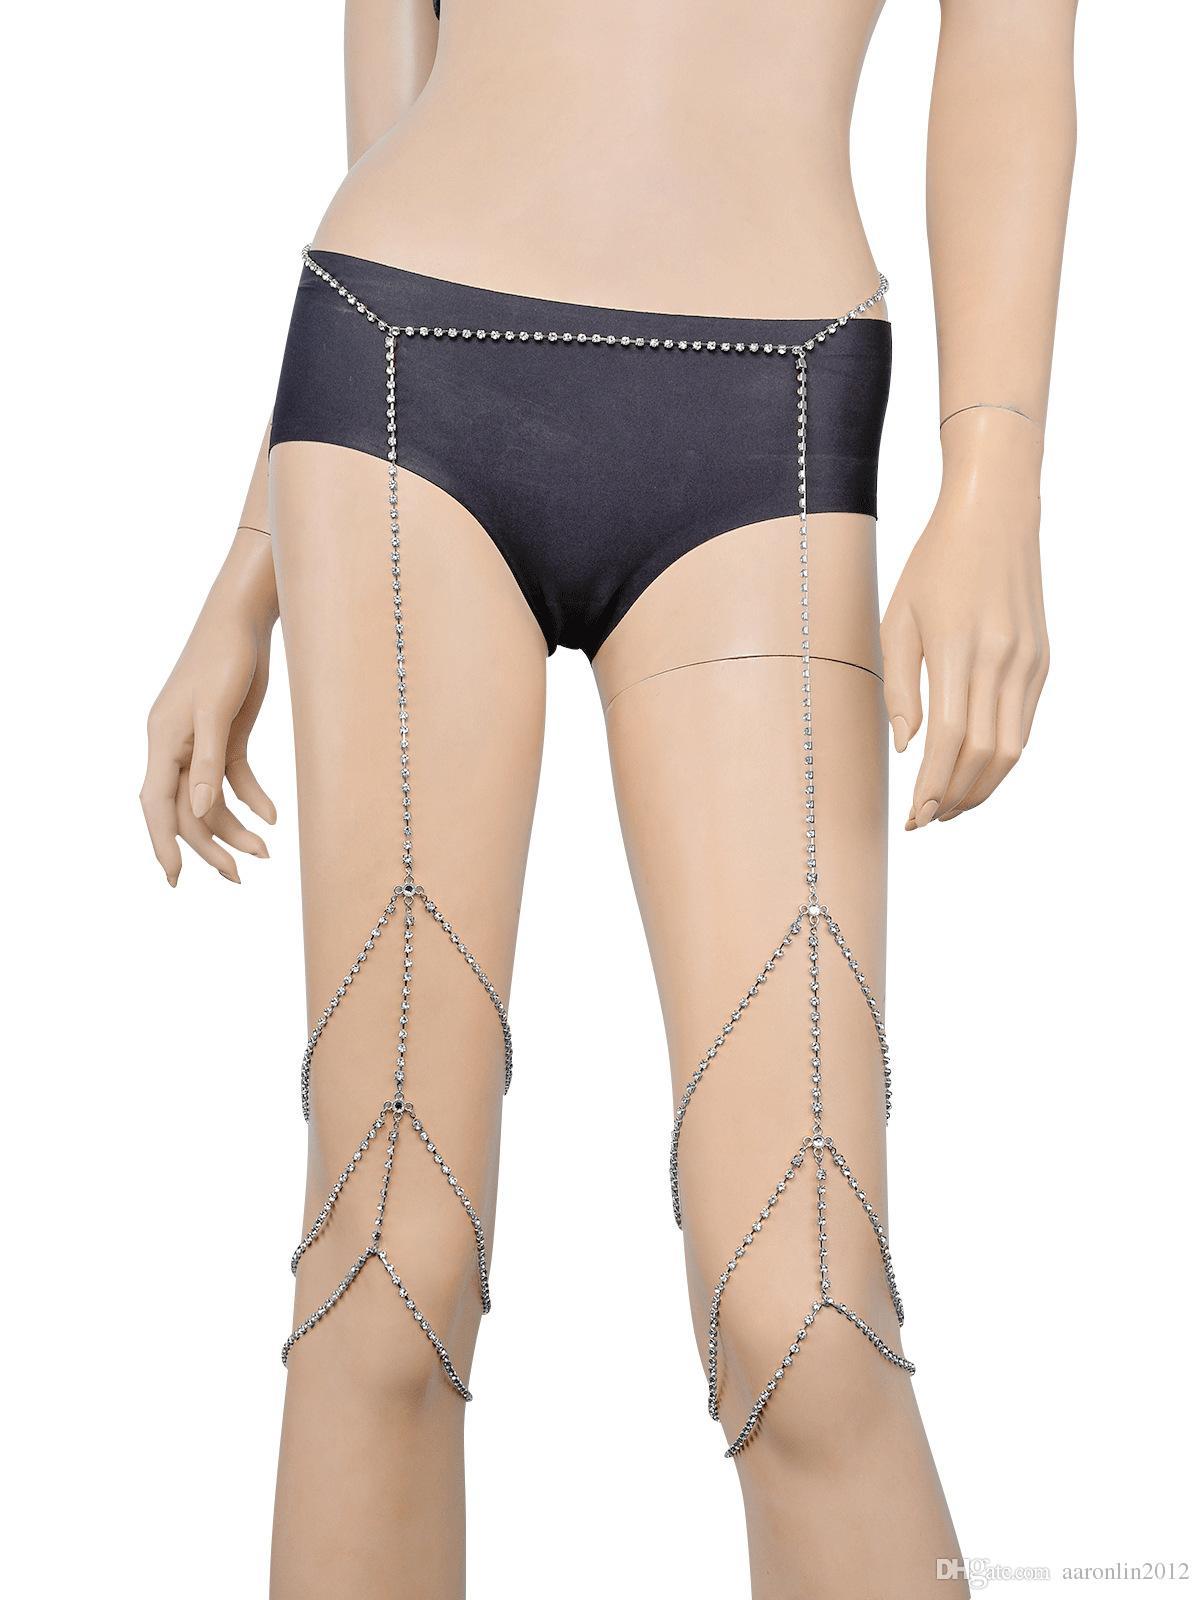 Marchio di moda Cristallo gamba Catena Corpo Gioielli Donne Sexy strass cinturino bracciali catene di pancia club notte roccia accessori catena del corpo 2017